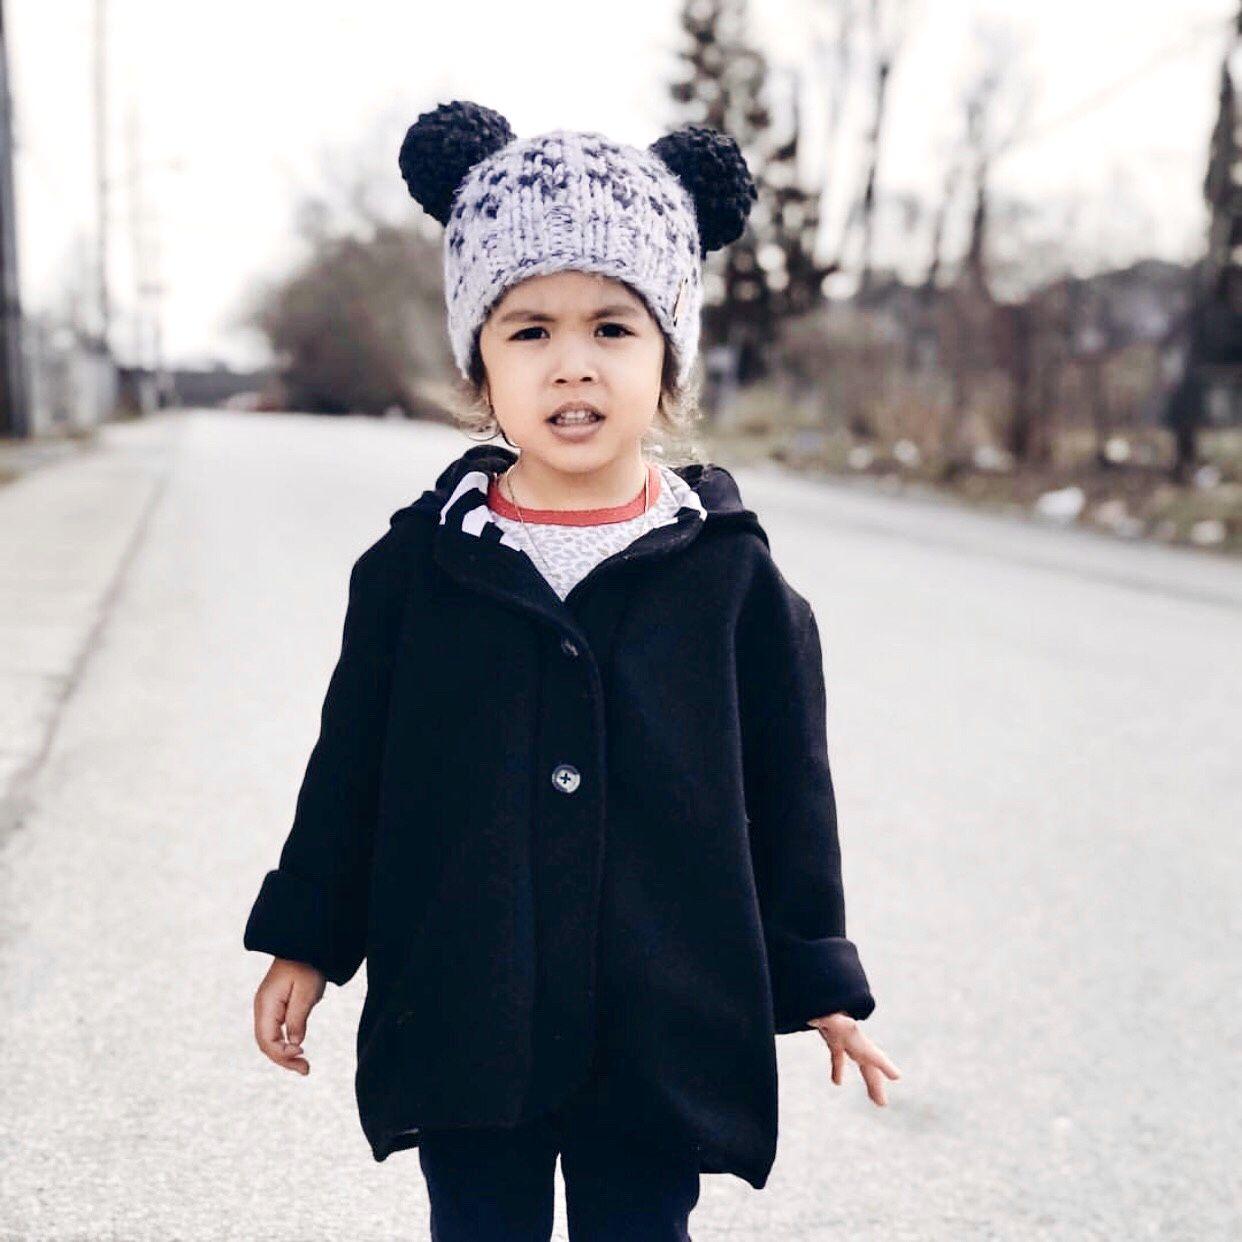 15660c0e7 Nickichicki Double pom pom Beanie hat. Toddler girl style. Winter ...